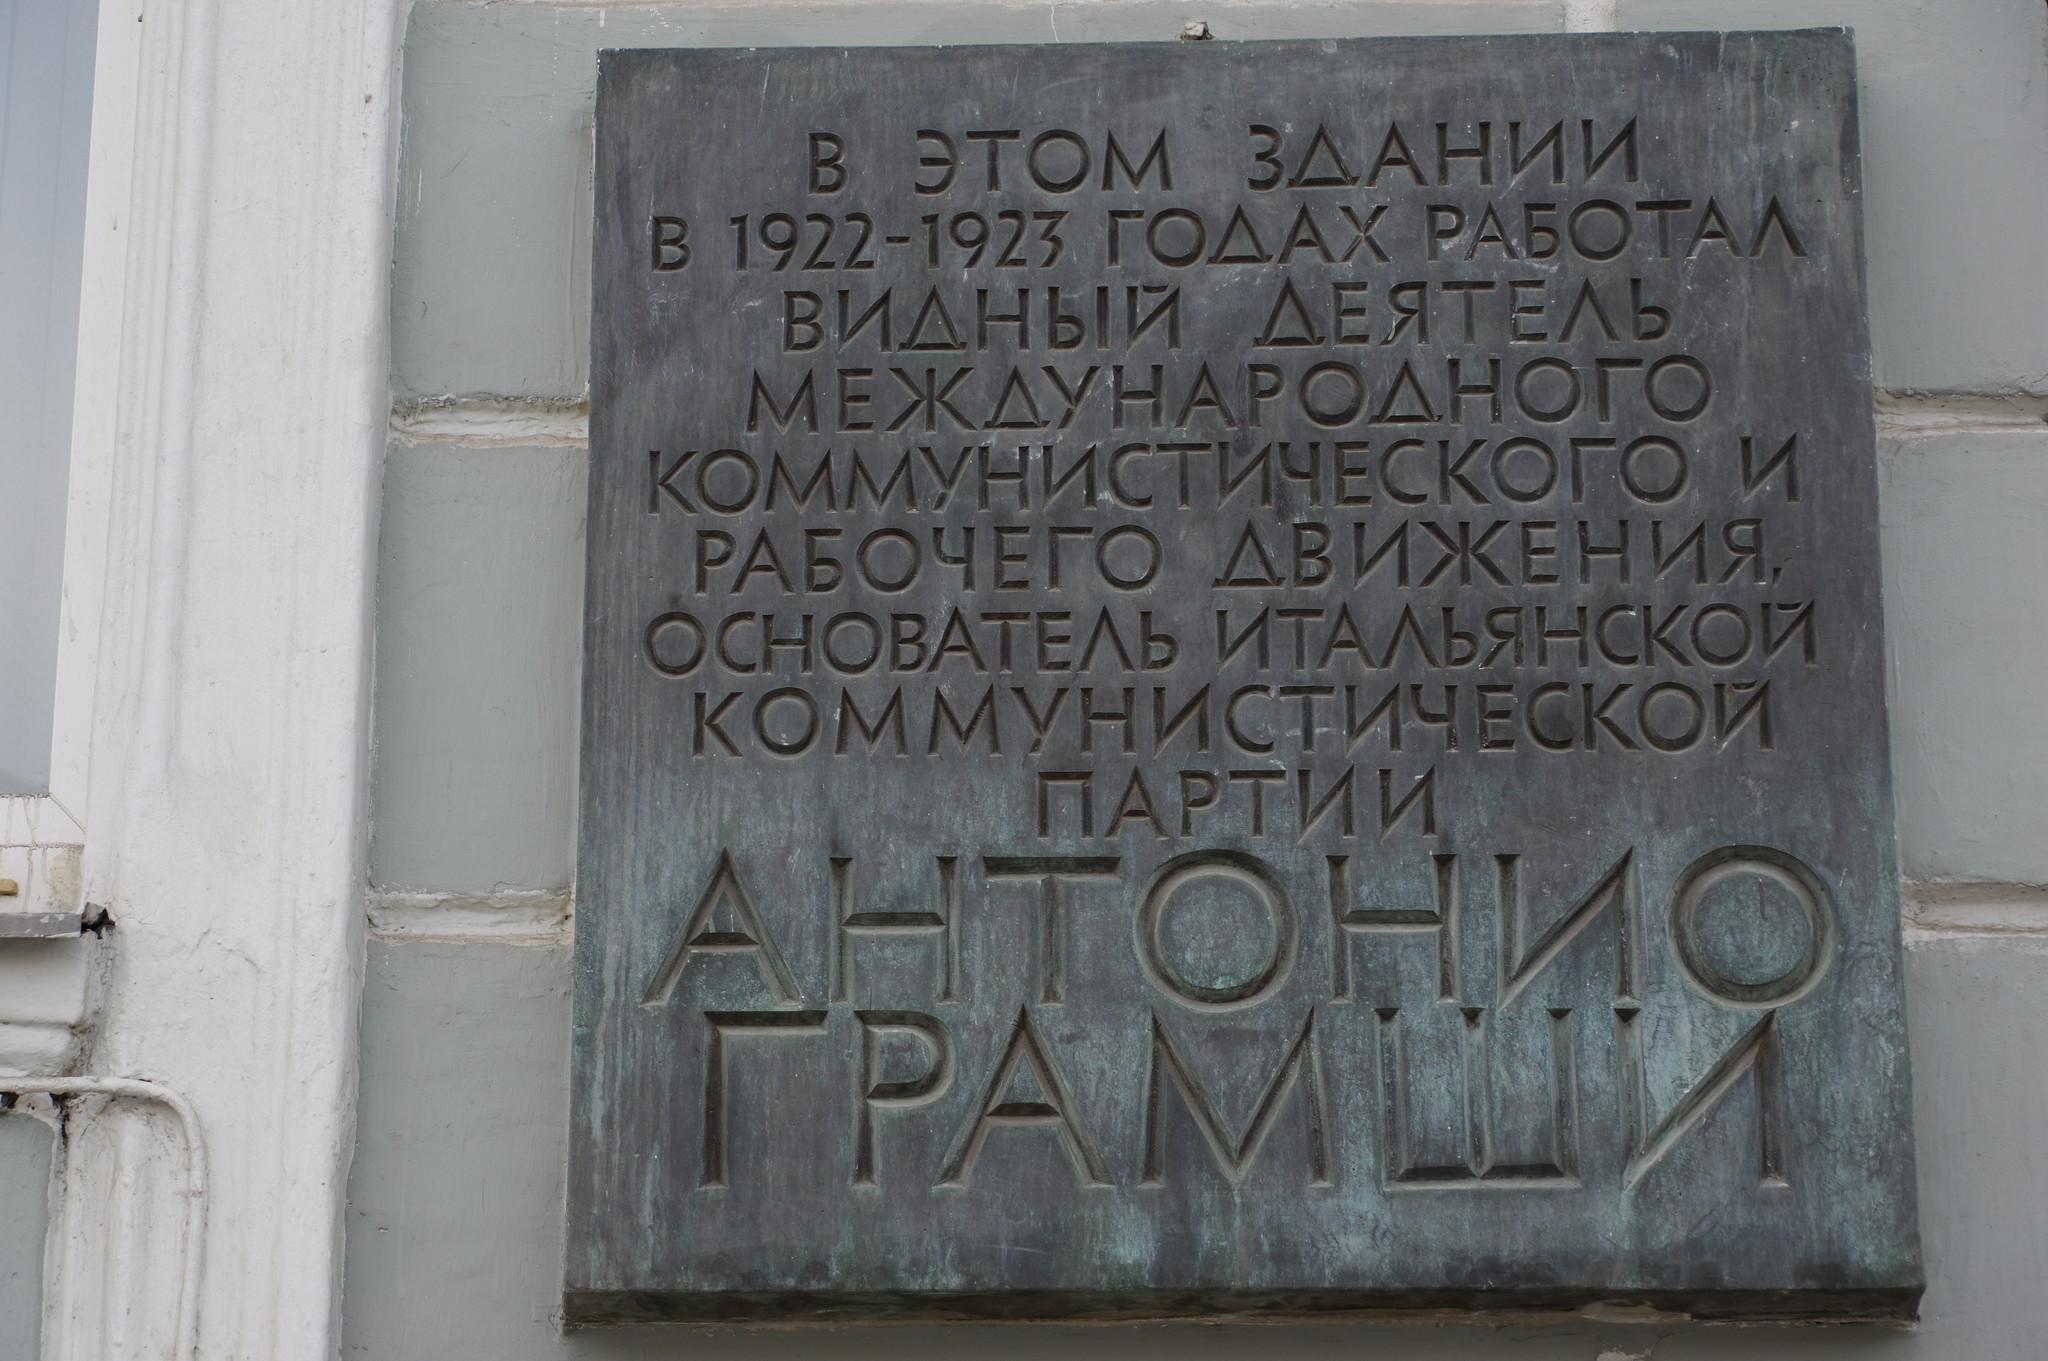 Мемориальная доска на фасаде здания в Москве, где в 1922-1923 годах работал Антонио Грамши (улица Моховая, дом 16, улица Манежная, дом 13, улица Воздвиженка, дом 1)